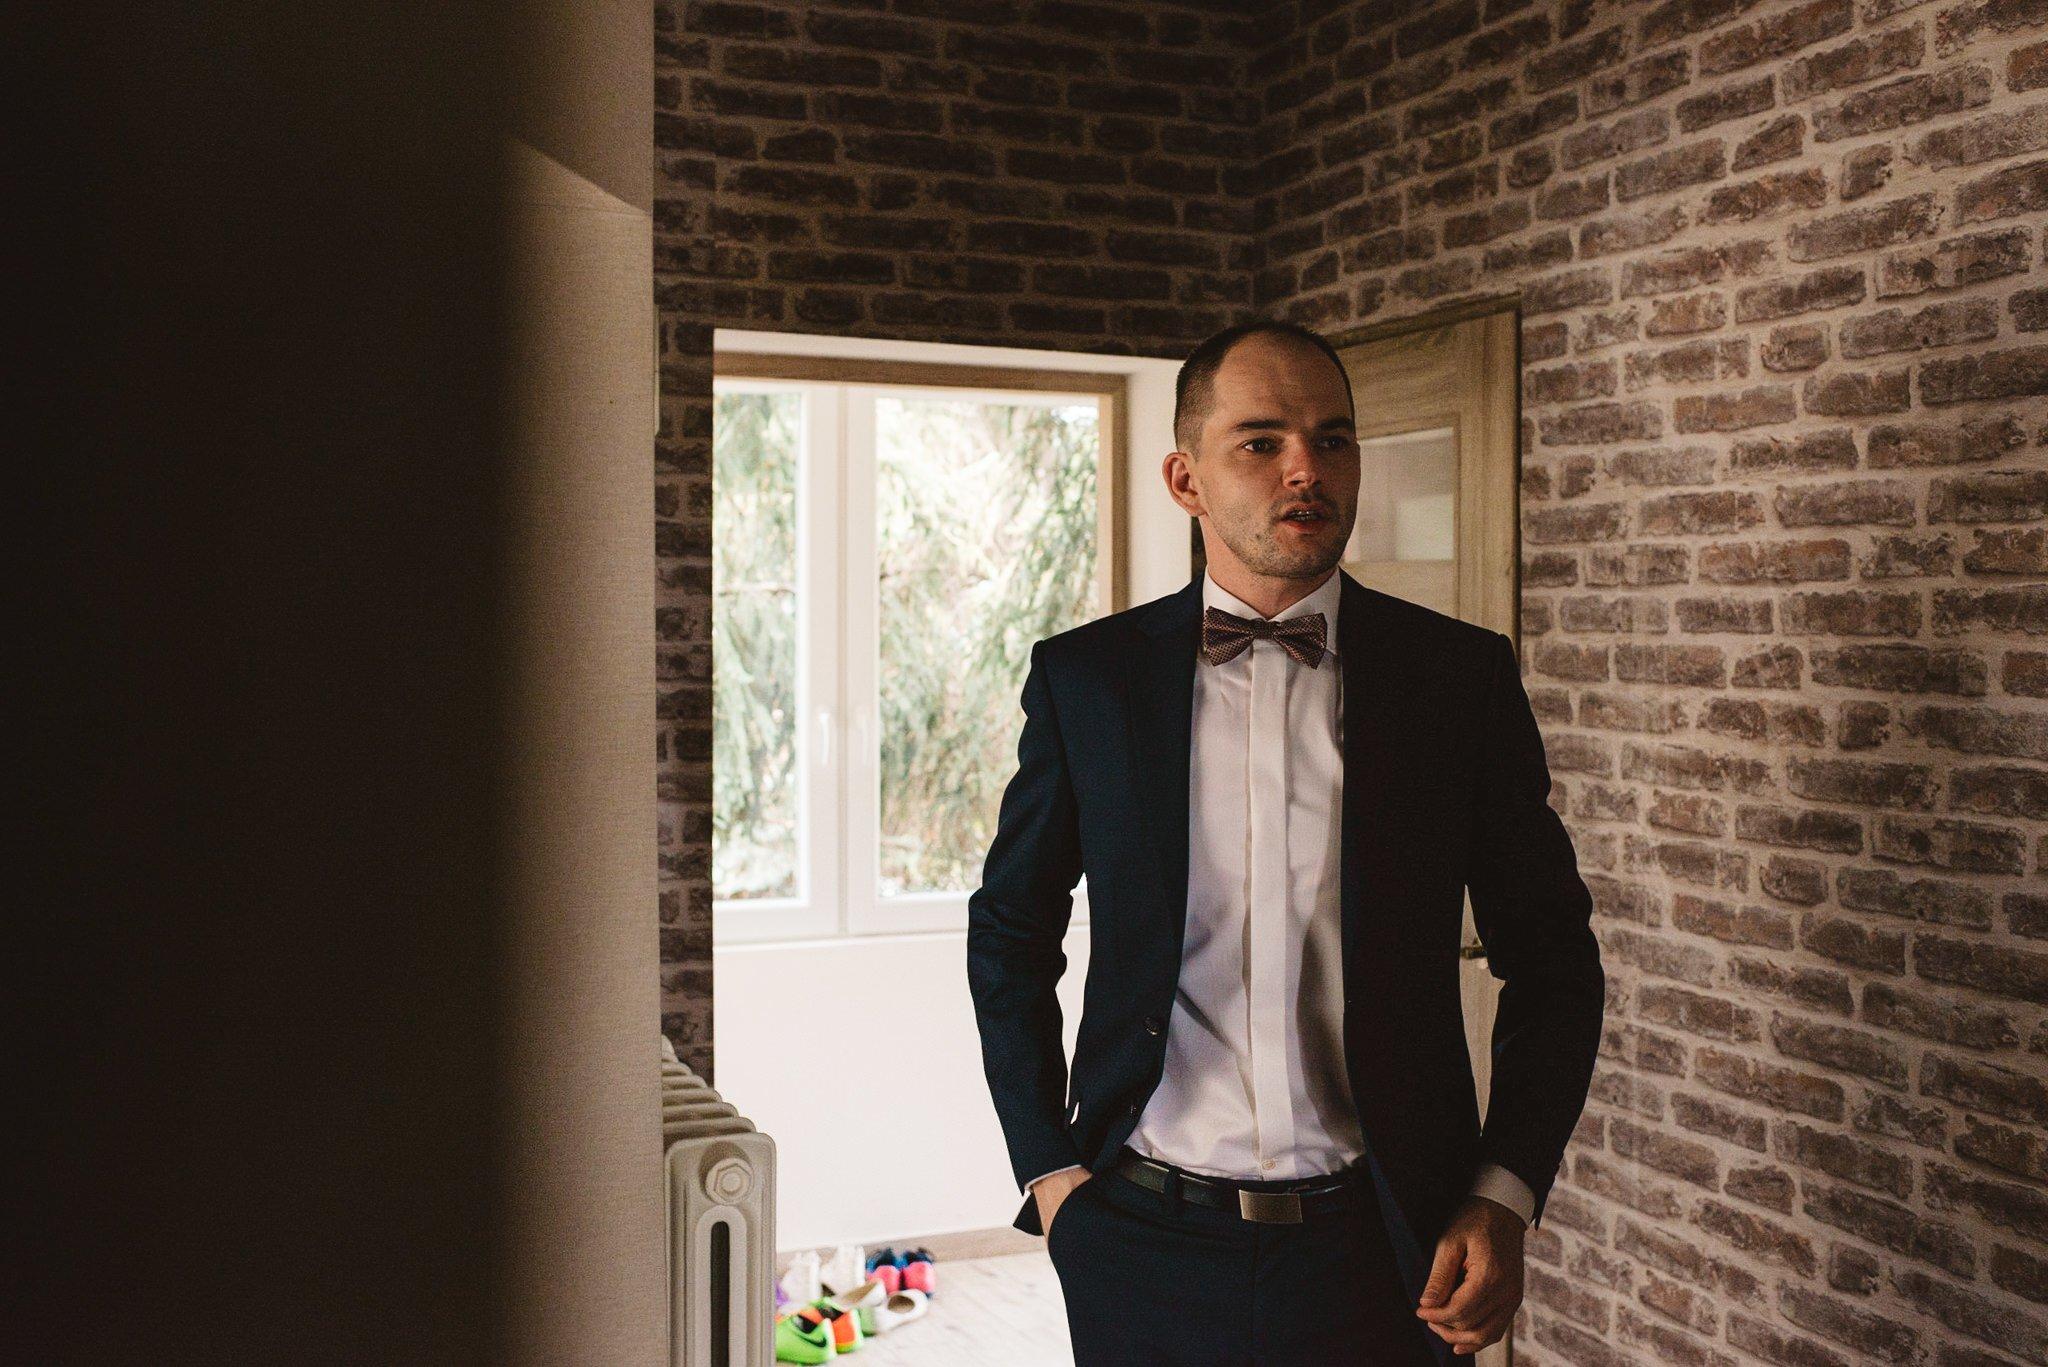 Ala i Arek, czyli jak zorganizować ślub i wesele w 4 tygodnie! 39